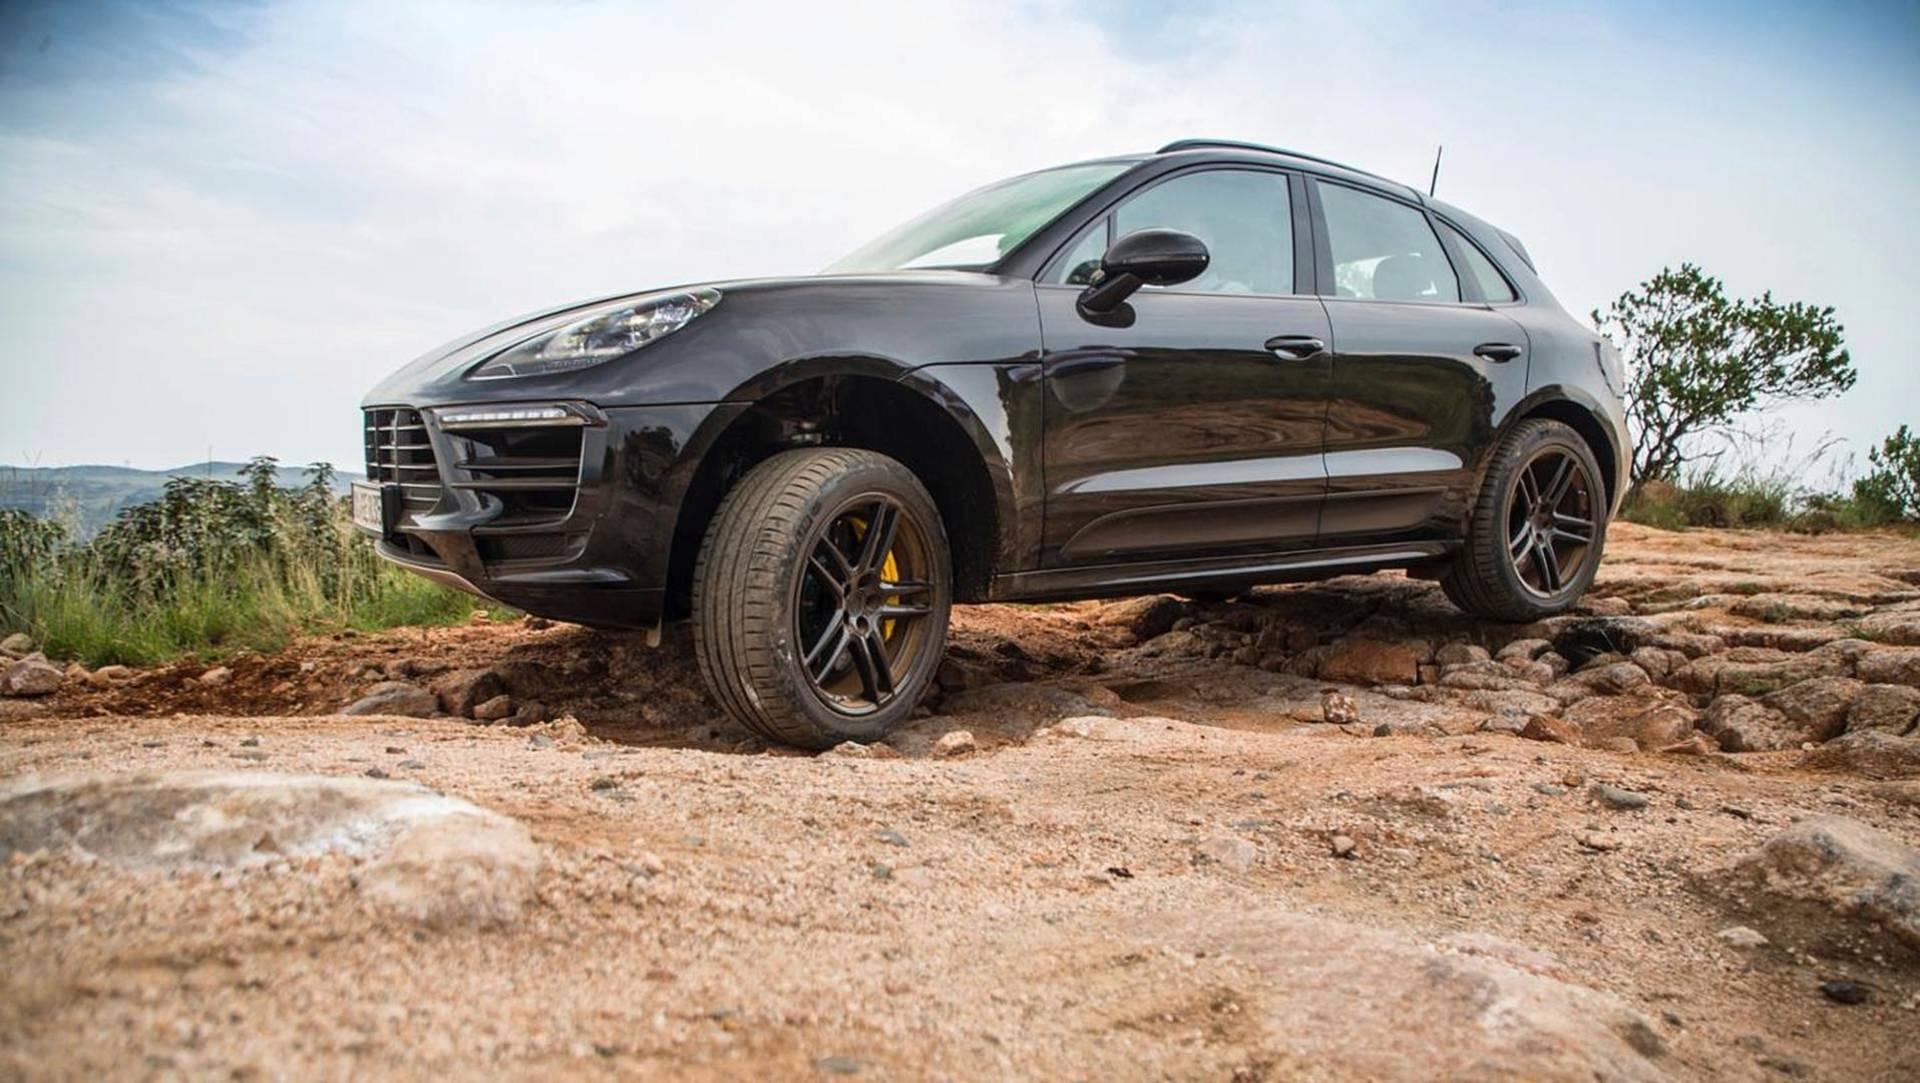 Porsche publica imagens e vídeo do novo Macan em testes na África do Sul